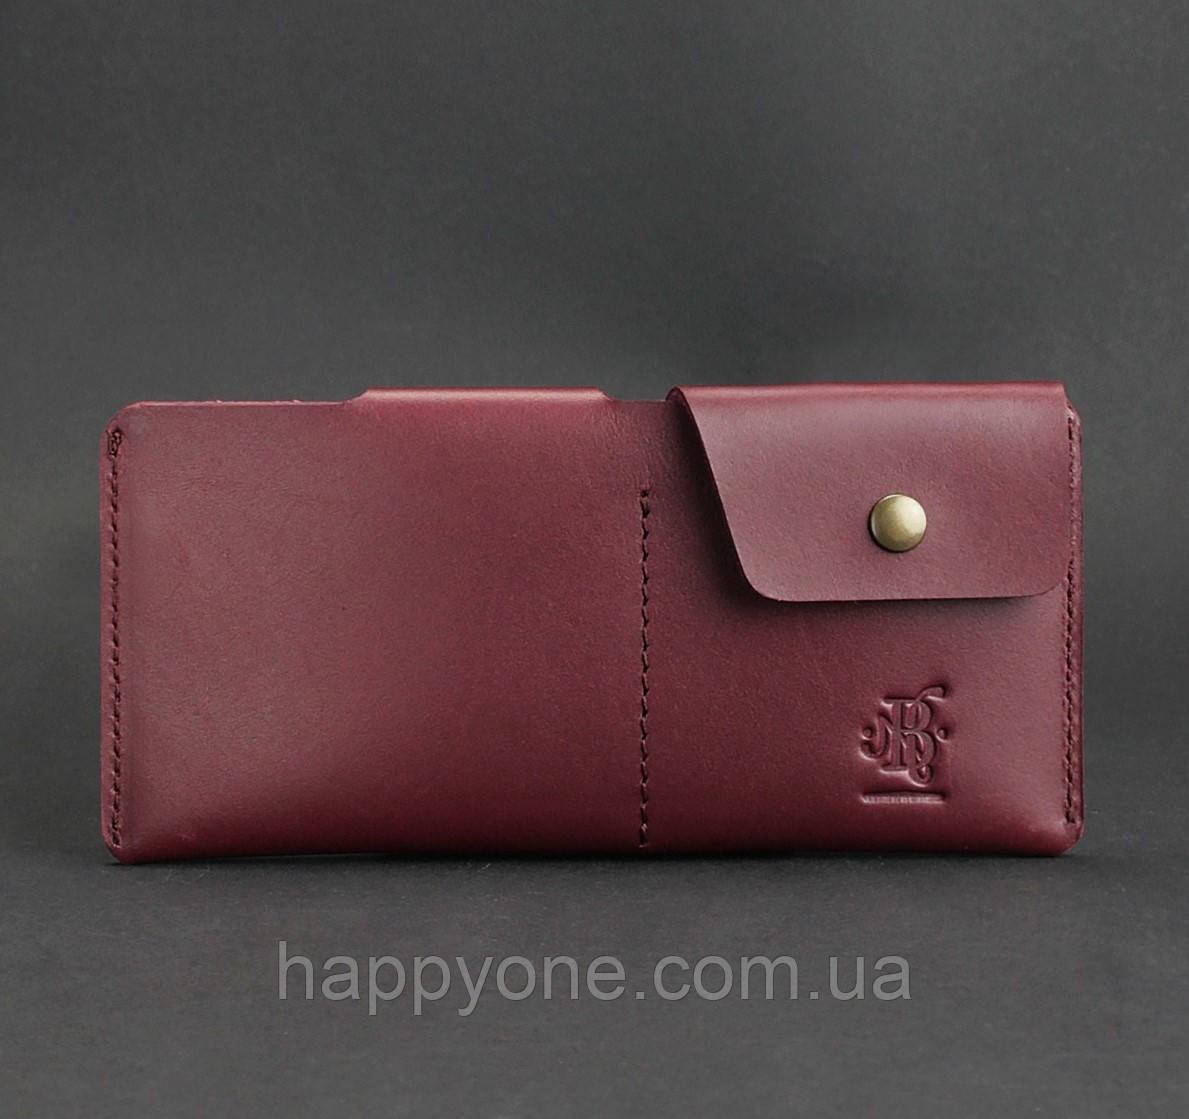 Женское кожаное портмоне-купюрник 8.0 (бордовое)